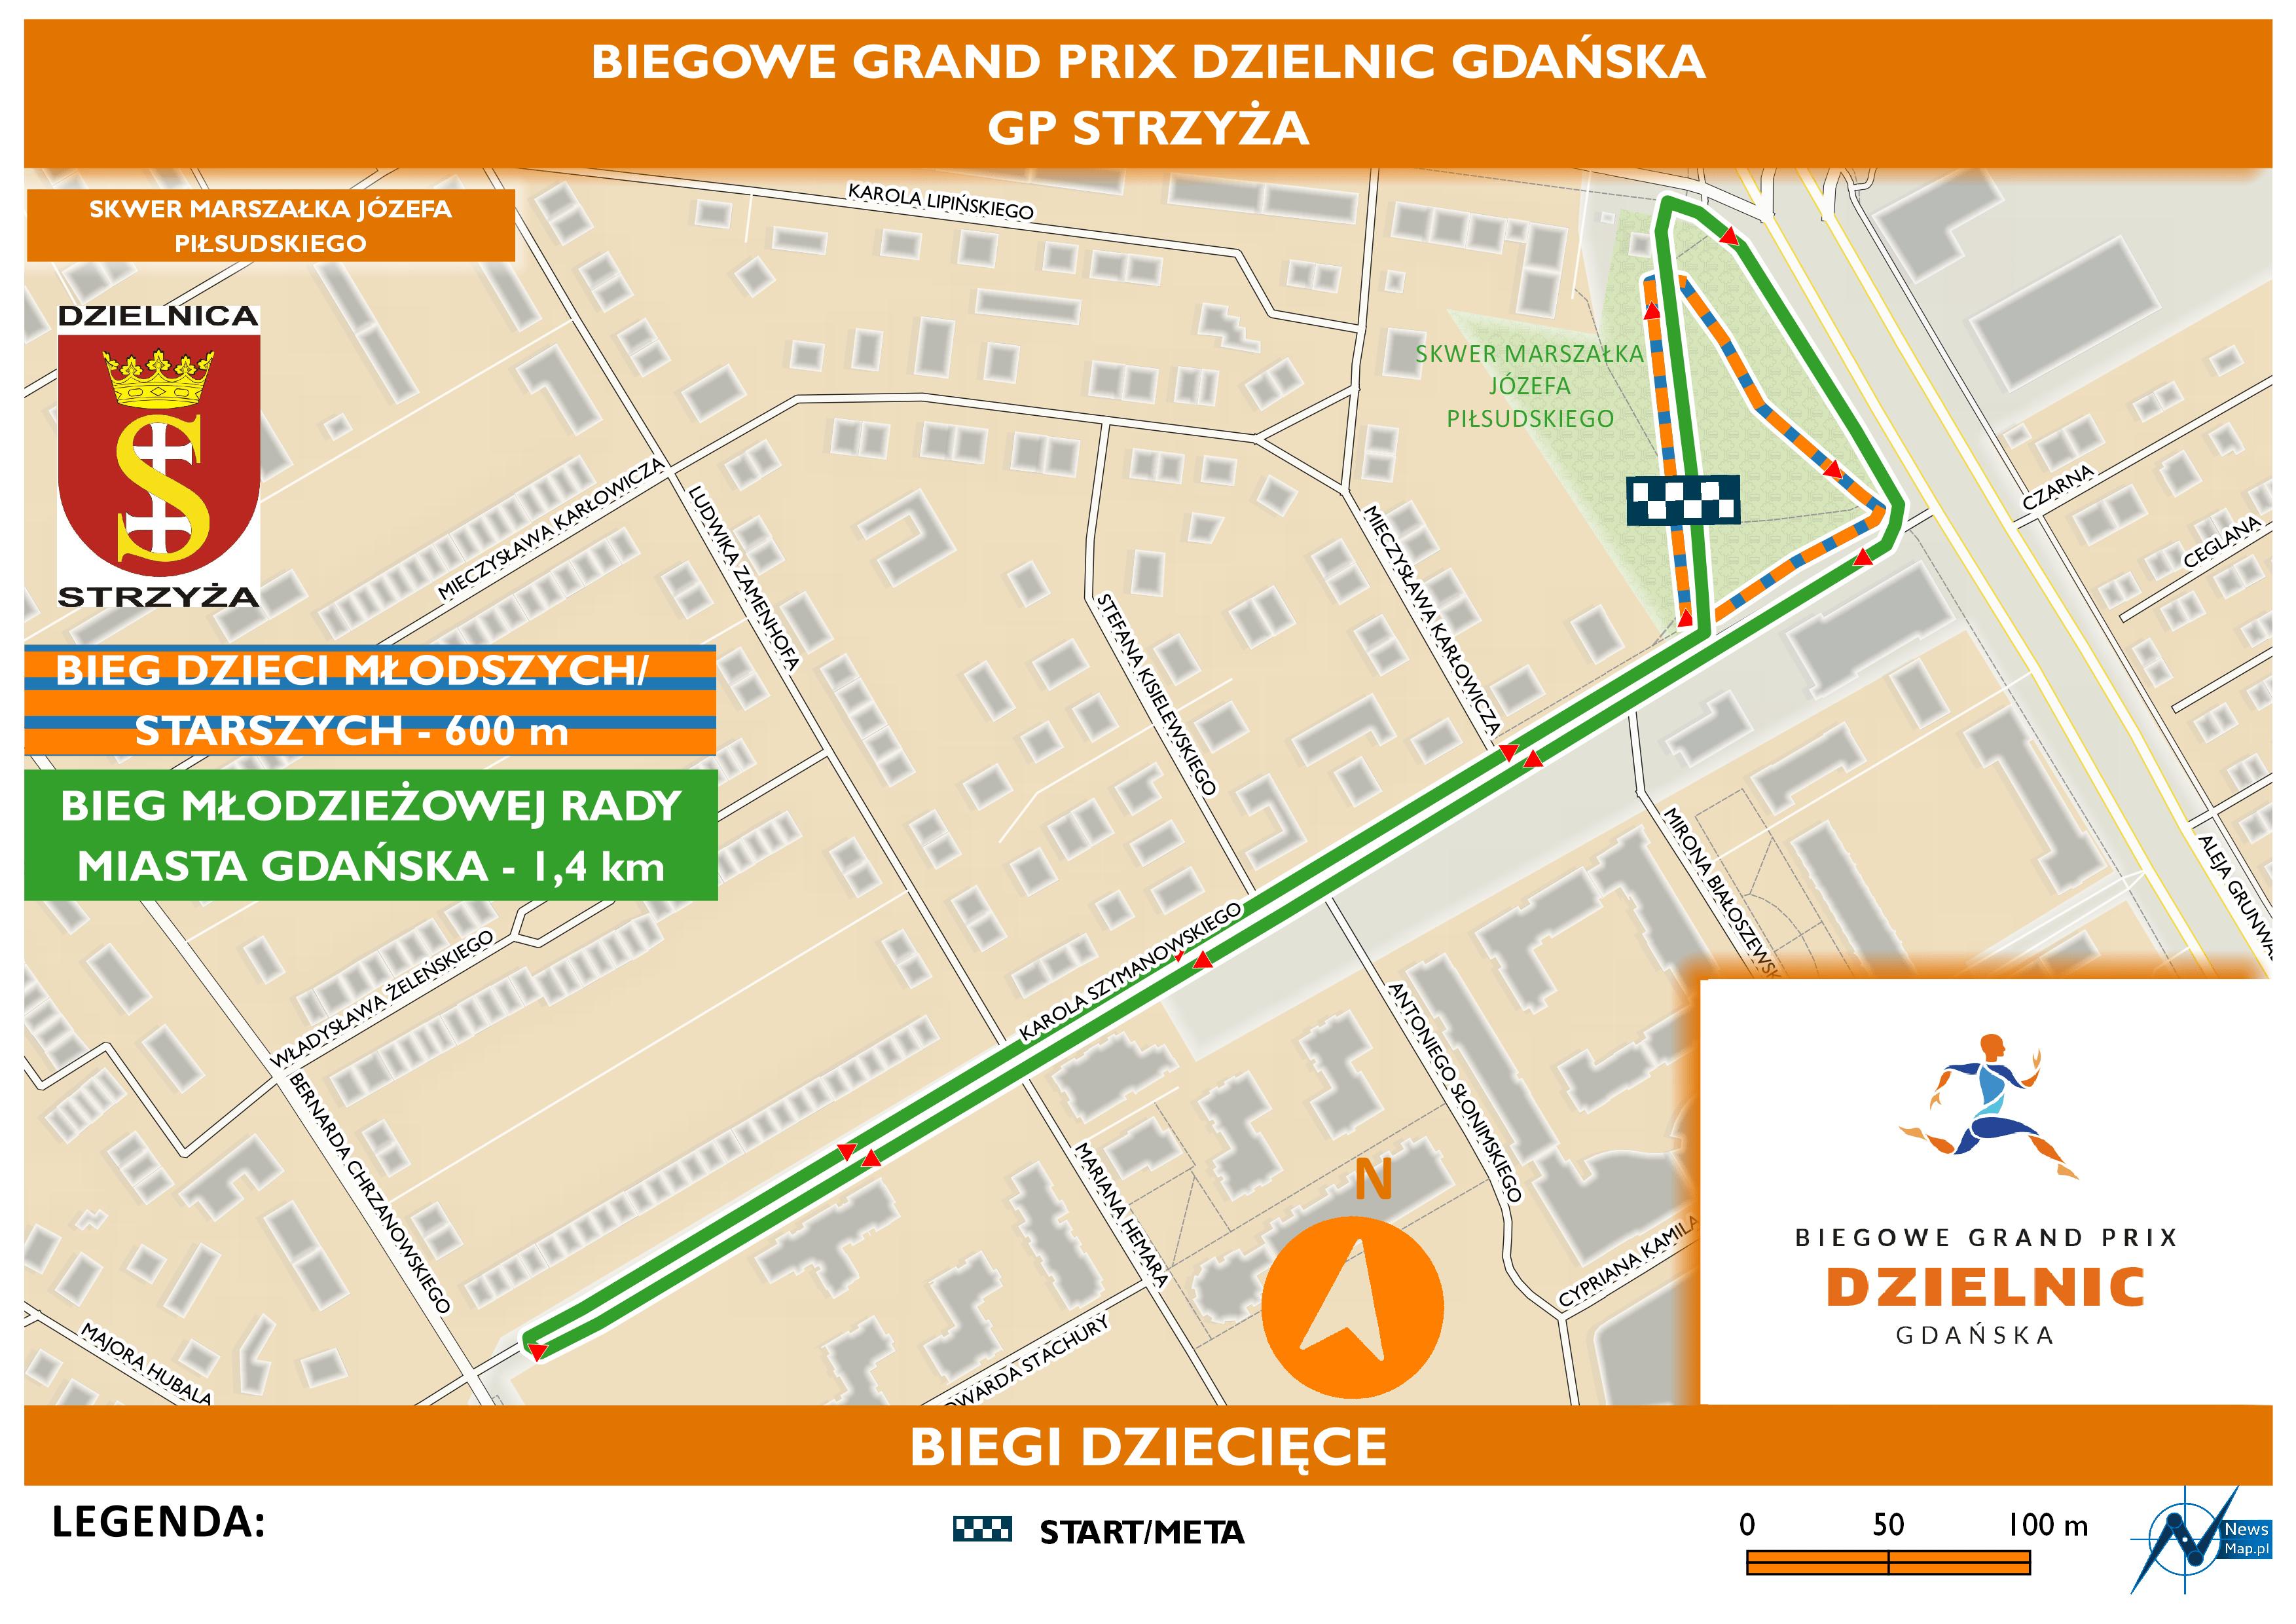 Mapa statyczna GP Strzyża - biegi dziecięce